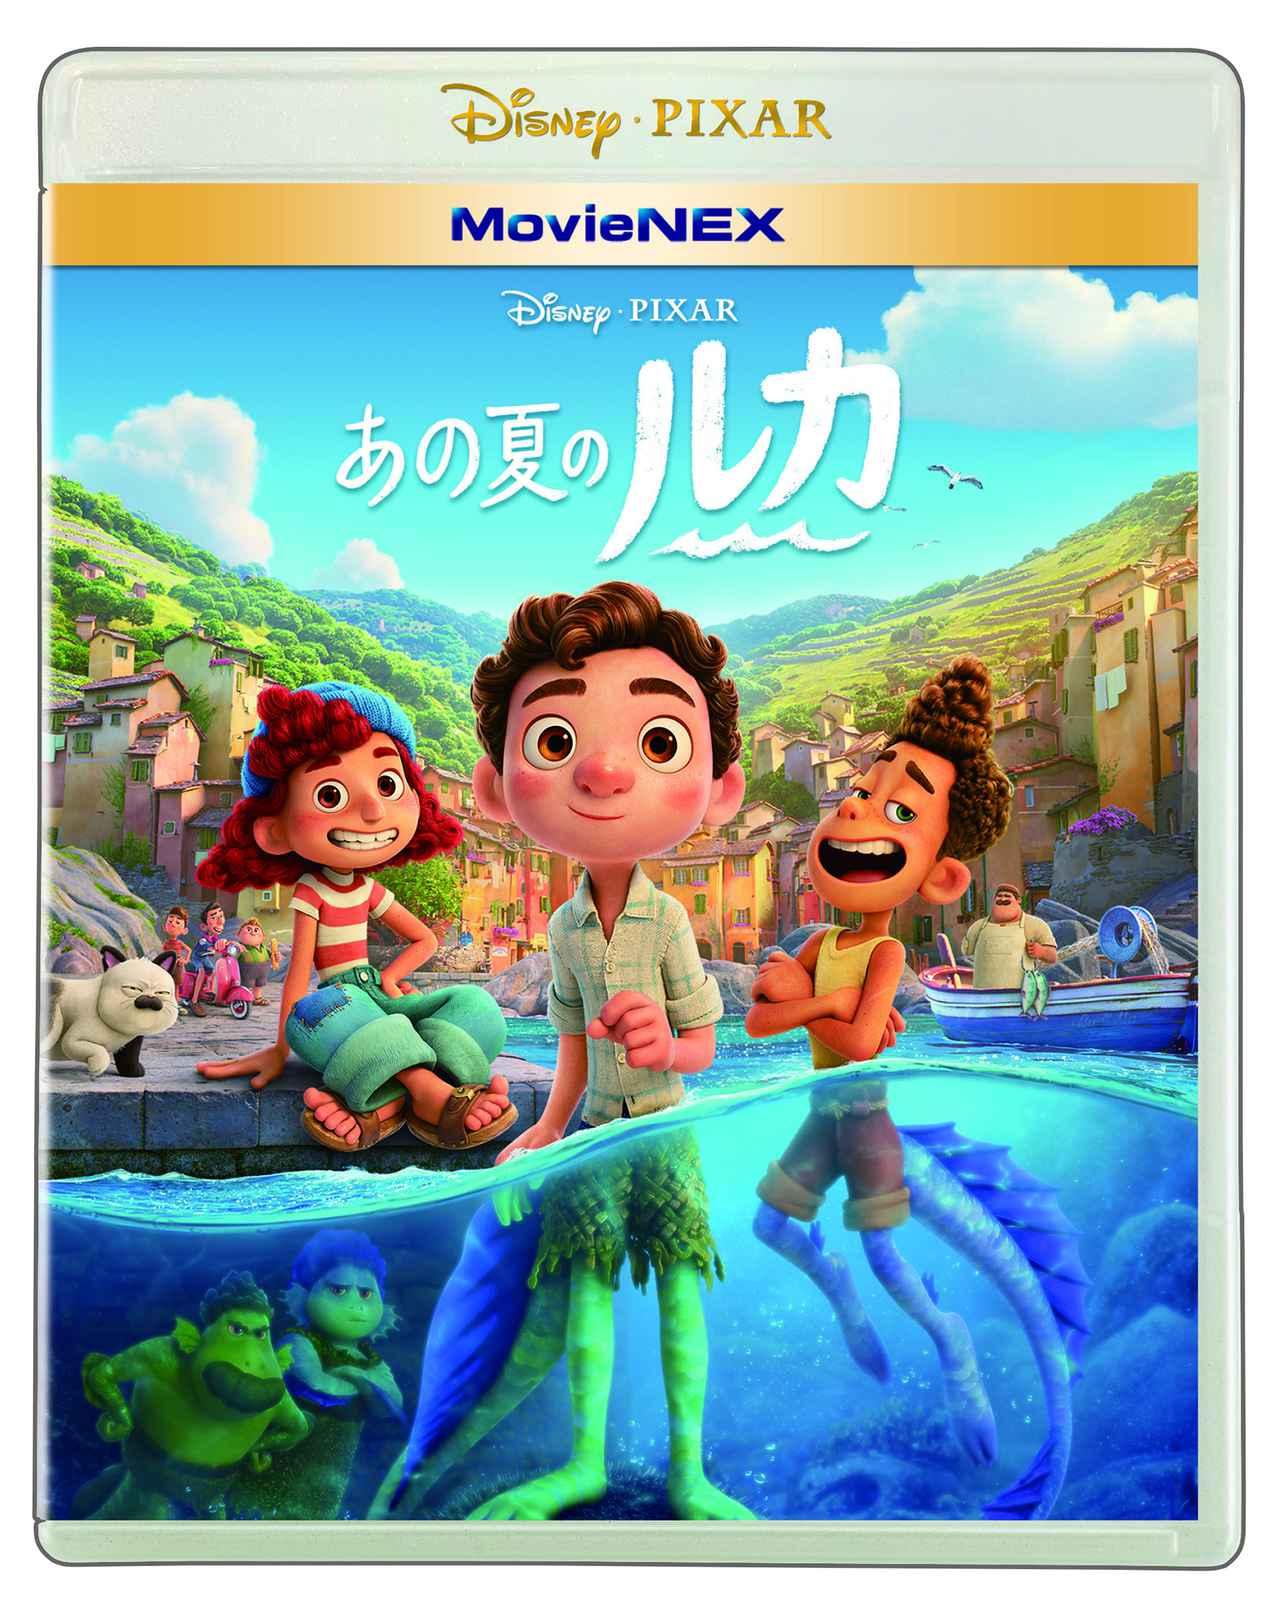 画像: MovieNEX本日発売!『あの夏のルカ』、本編では描かれなかった幻の島が描かれた特別映像の一部が解禁